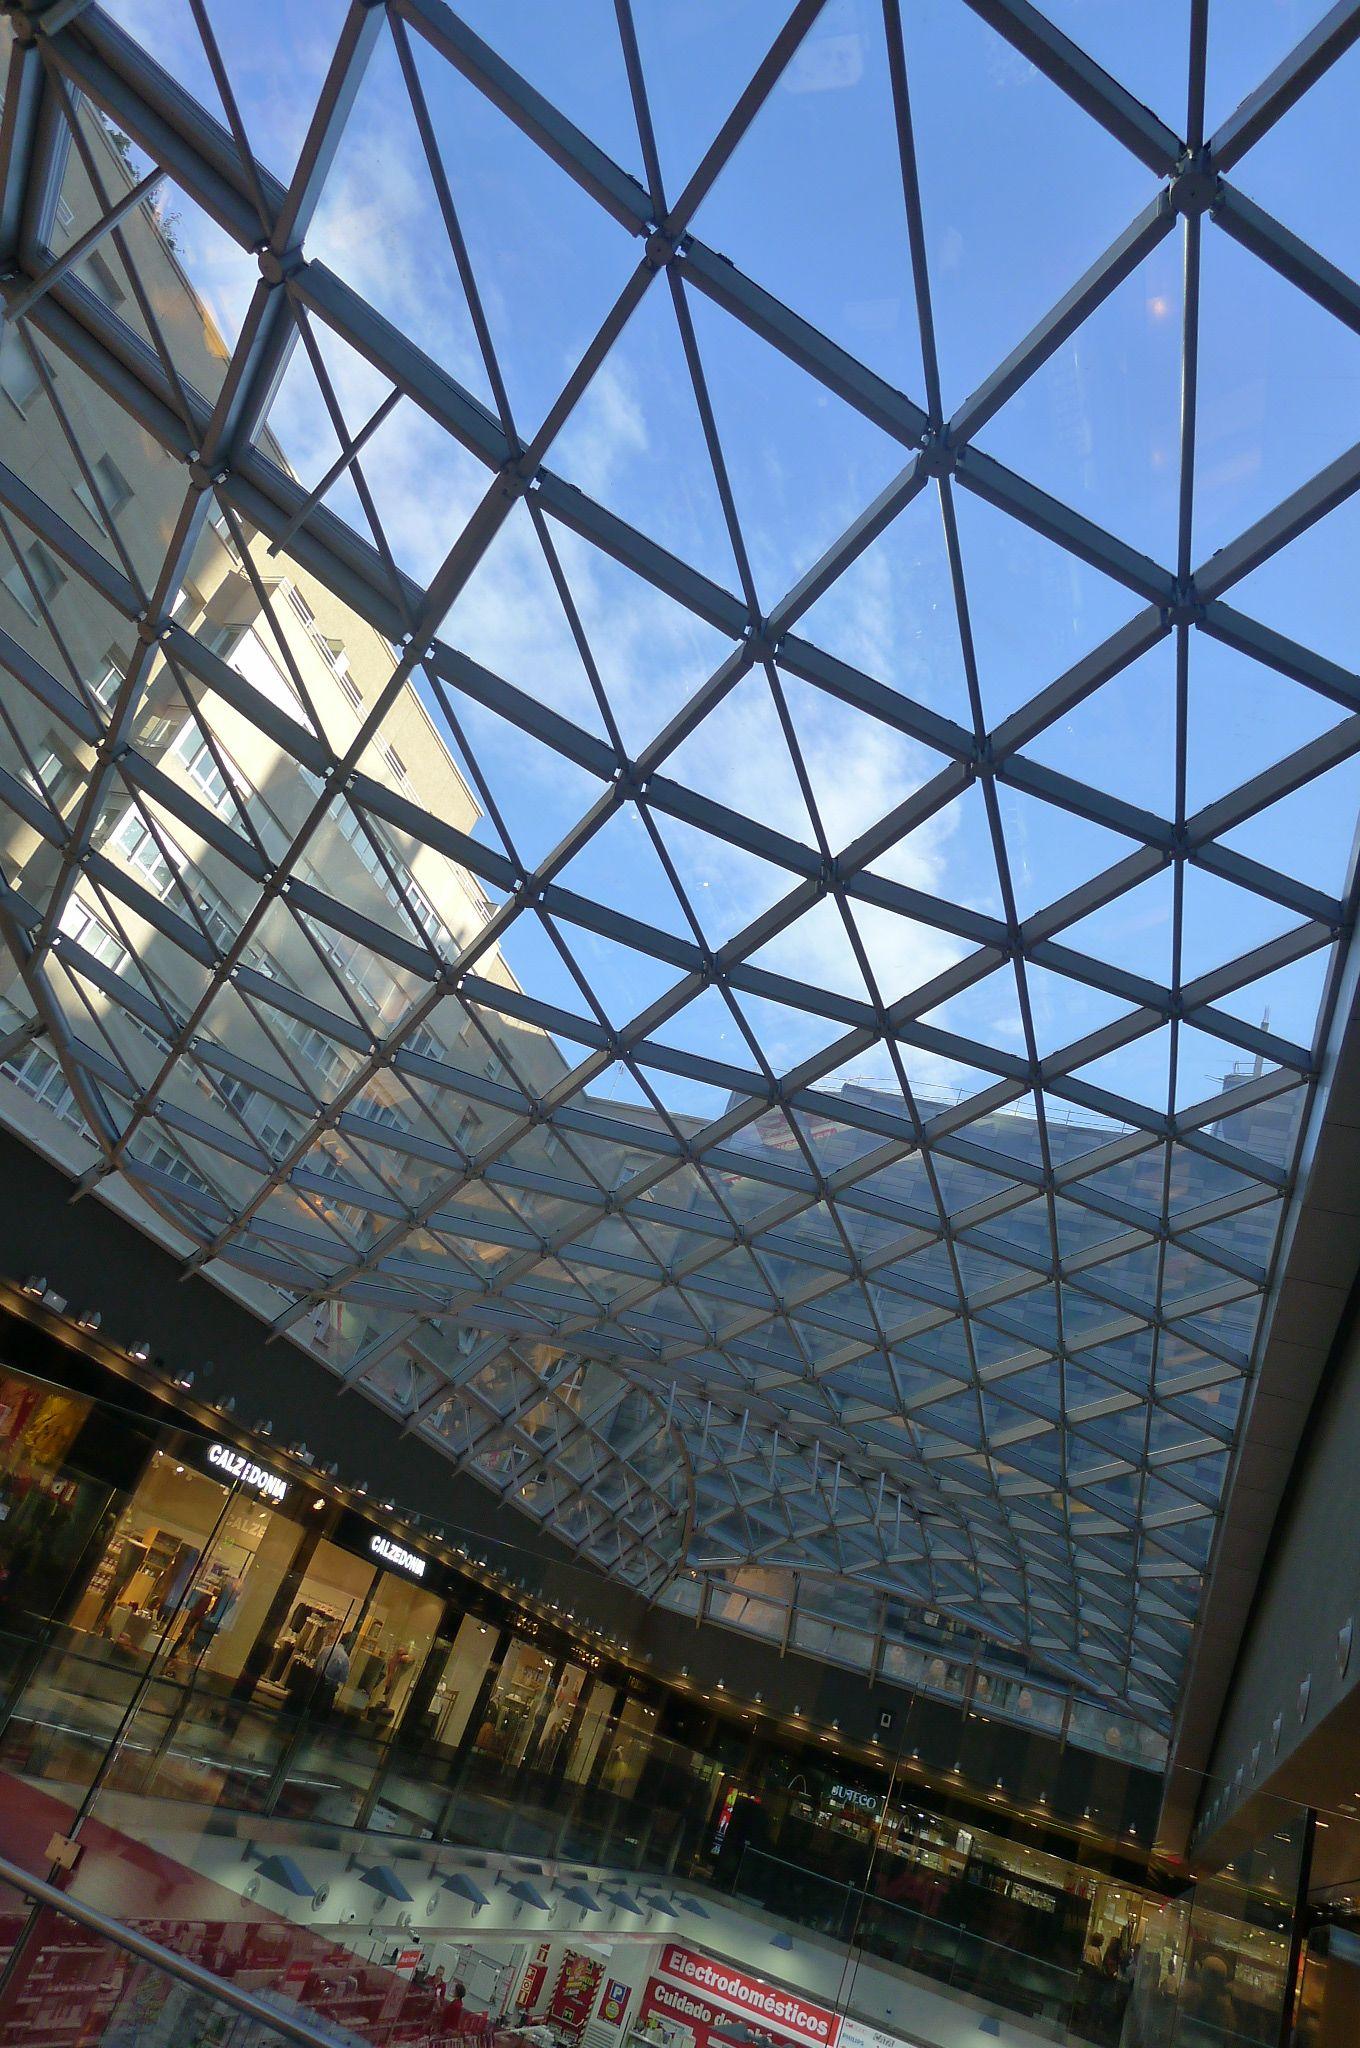 El Interior Del Centro Comercial Lucernario